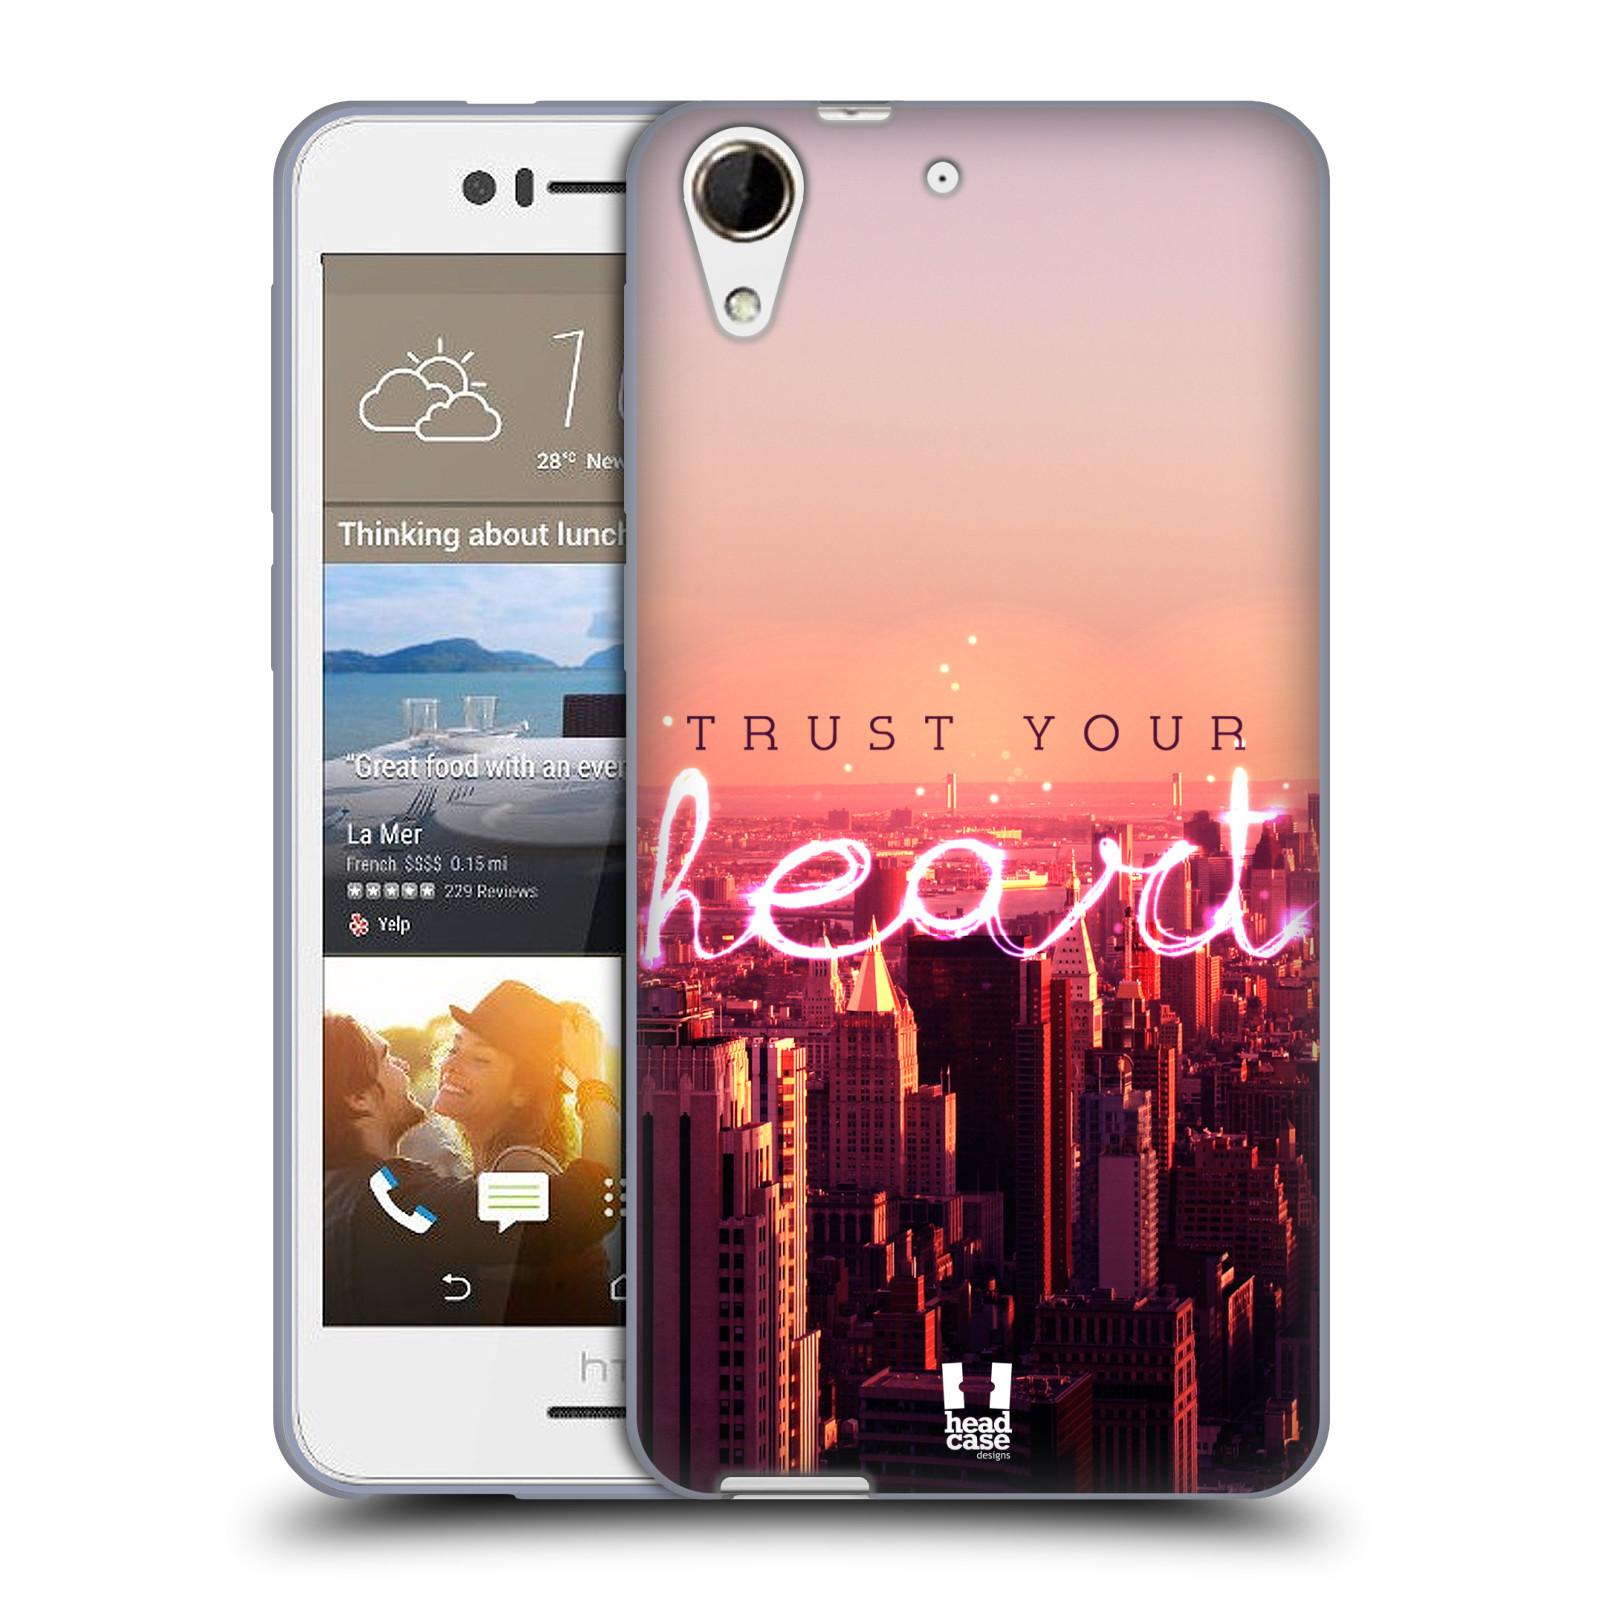 Silikonové pouzdro na mobil HTC Desire 728G Dual SIM HEAD CASE TRUST YOUR HEART (Silikonový kryt či obal na mobilní telefon HTC Desire 728 G Dual SIM)